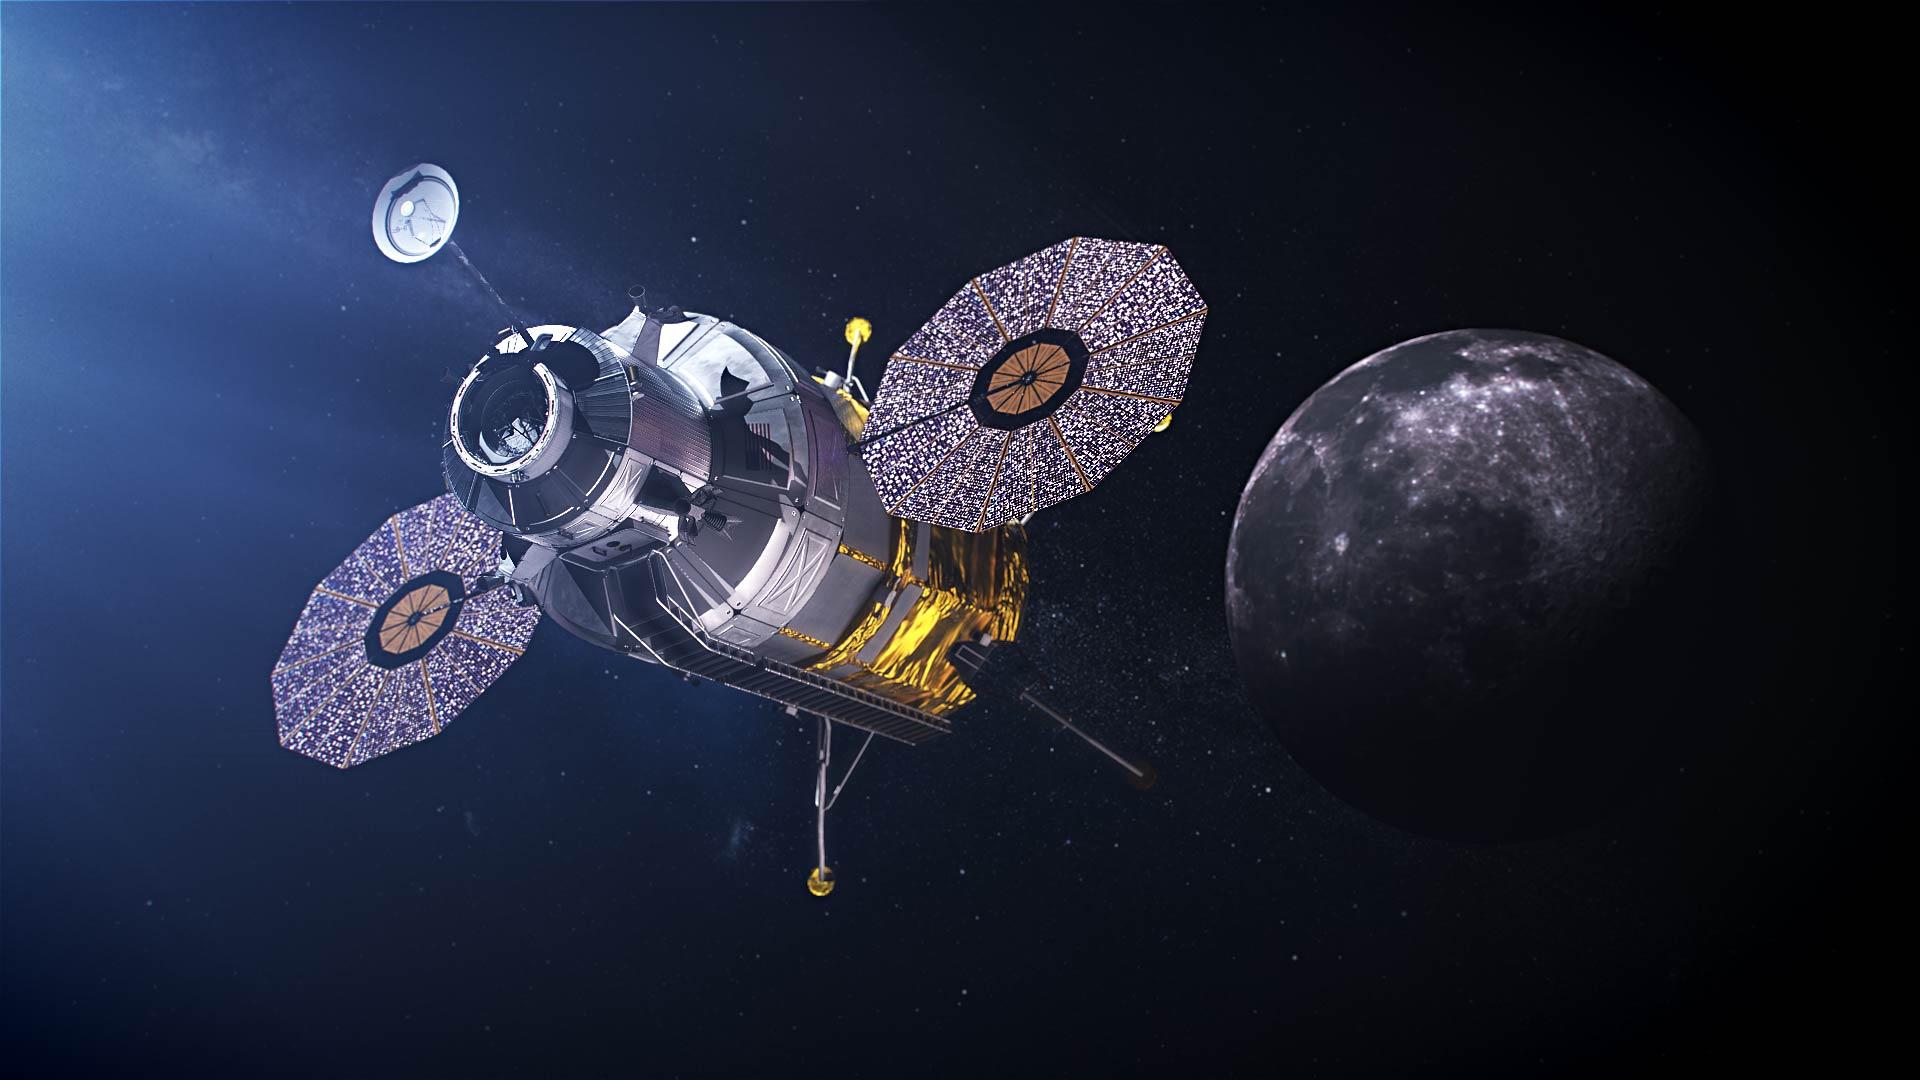 سیستم فرود انسان بر روی ماه در ماموریت آرتمیس ناسا چگونه است؟